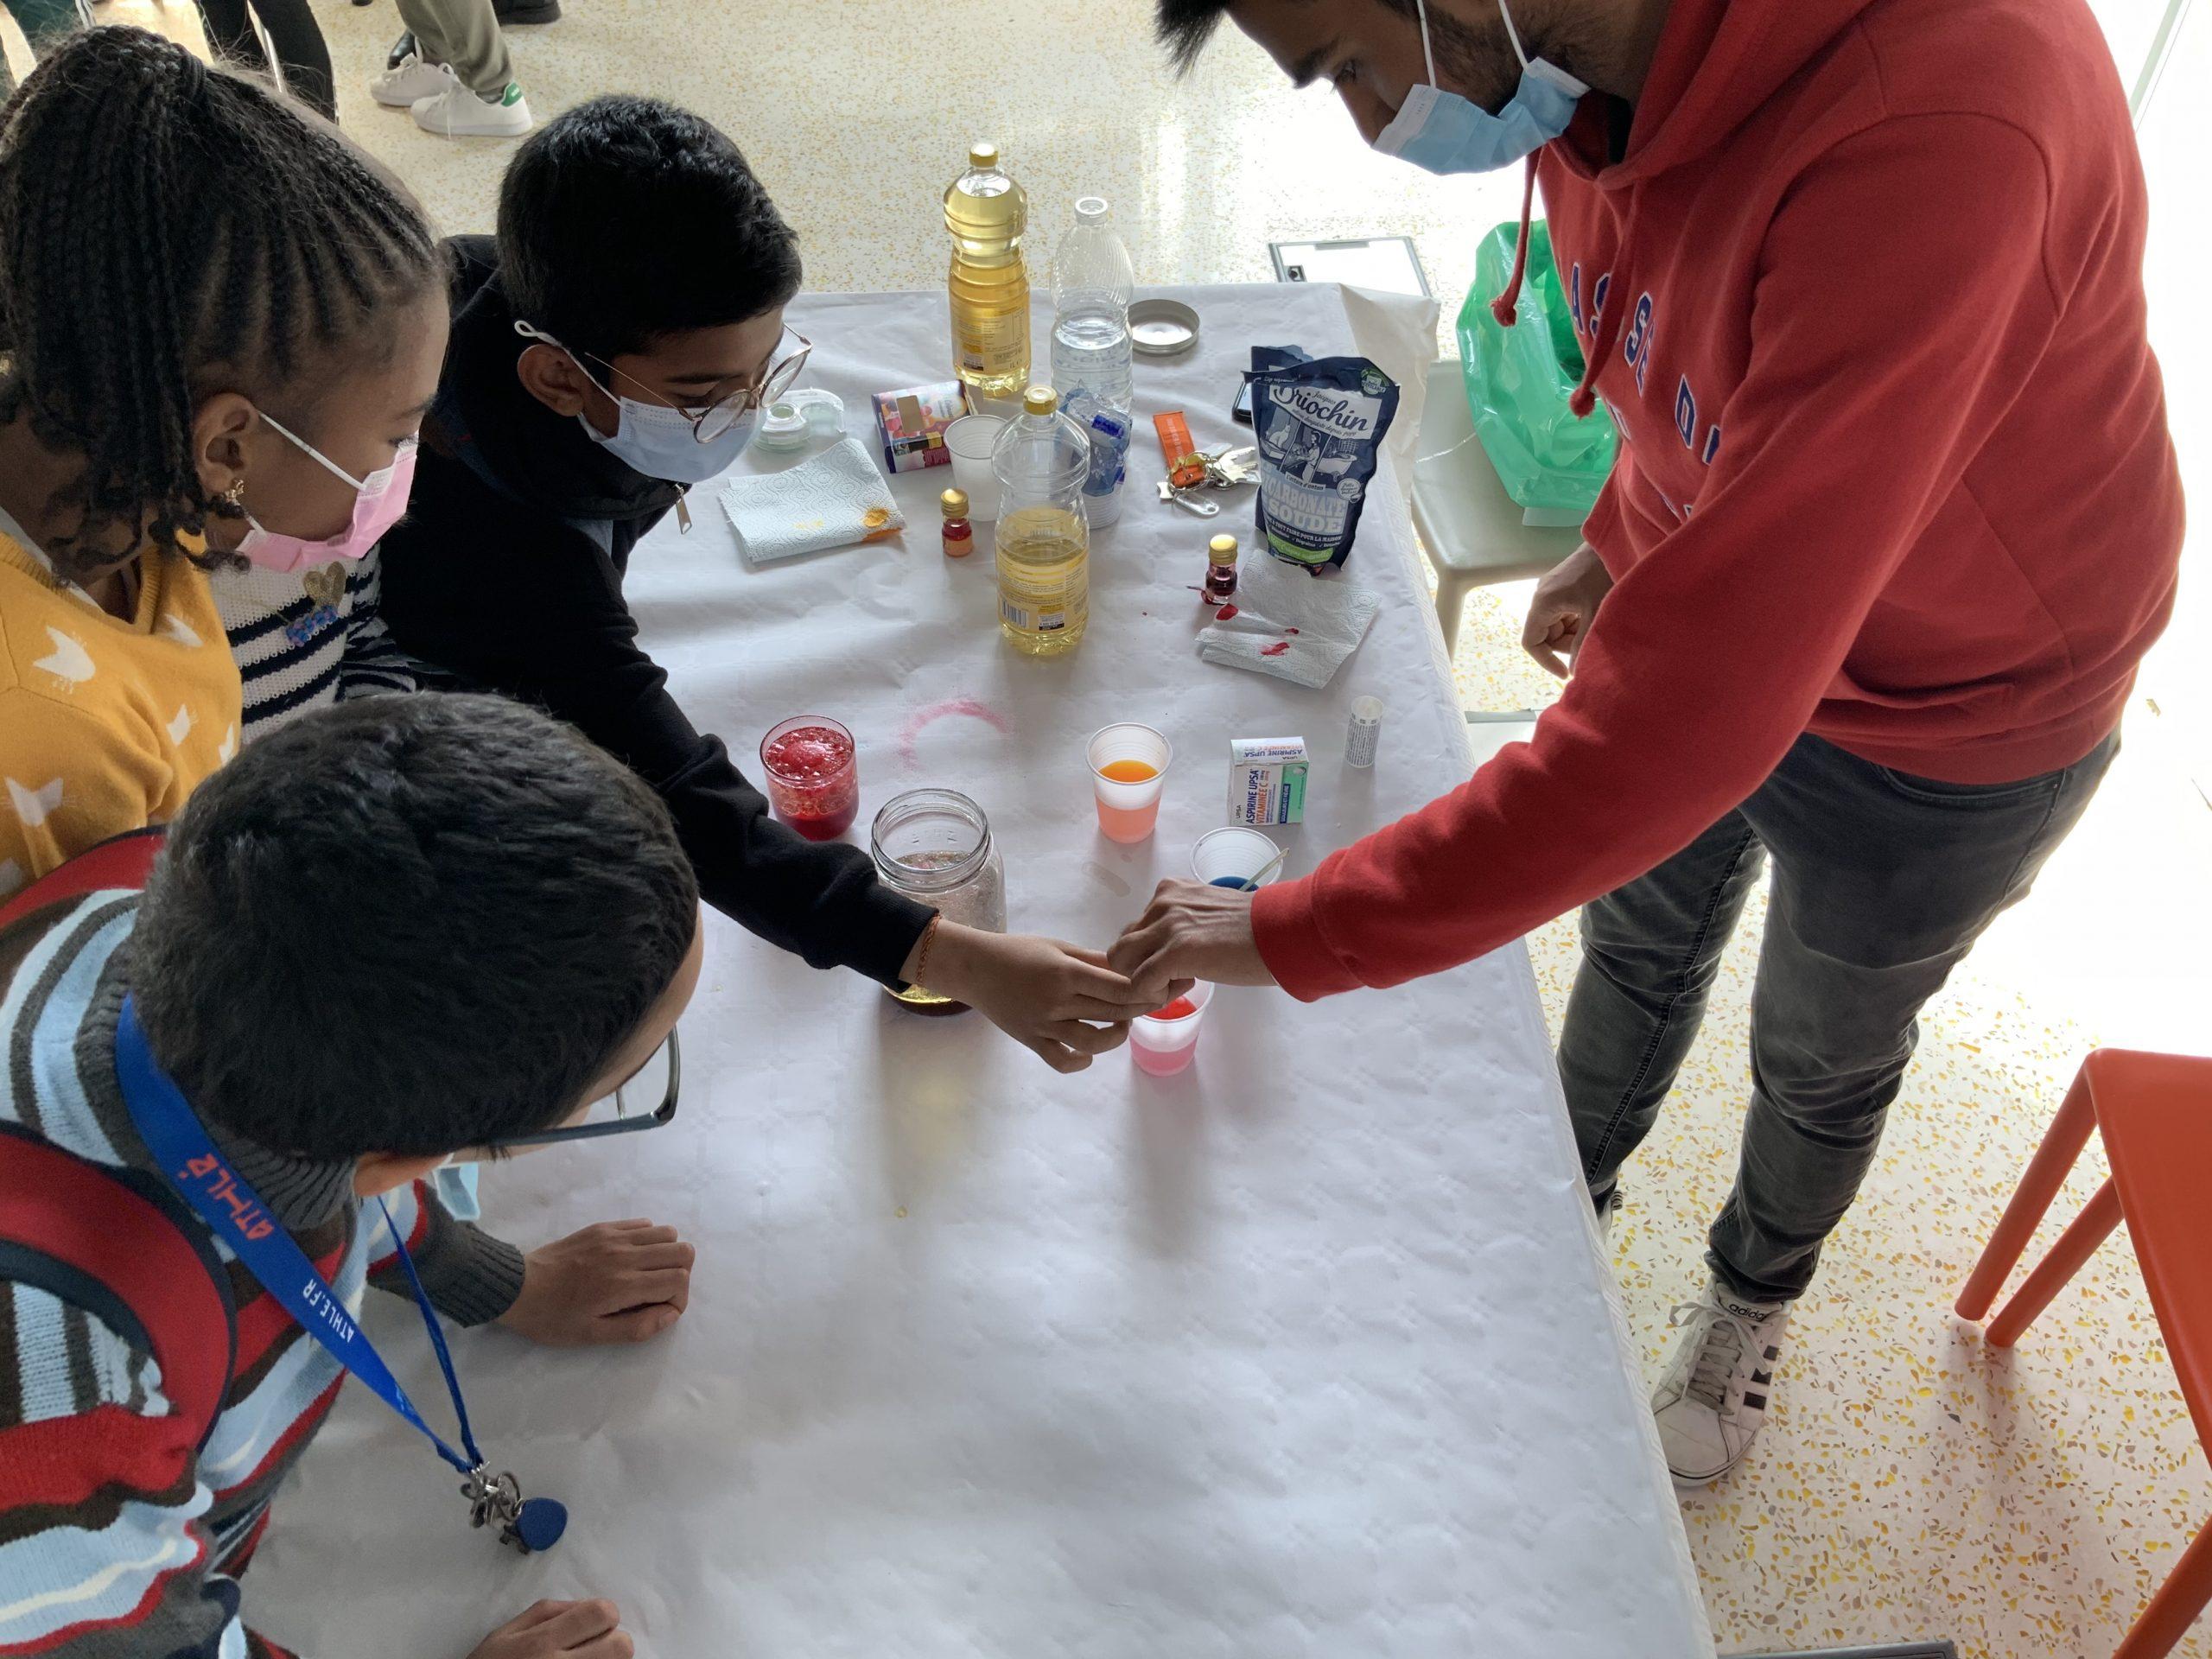 Atelier de chimie avec des enfants numéro 2 fête de la science